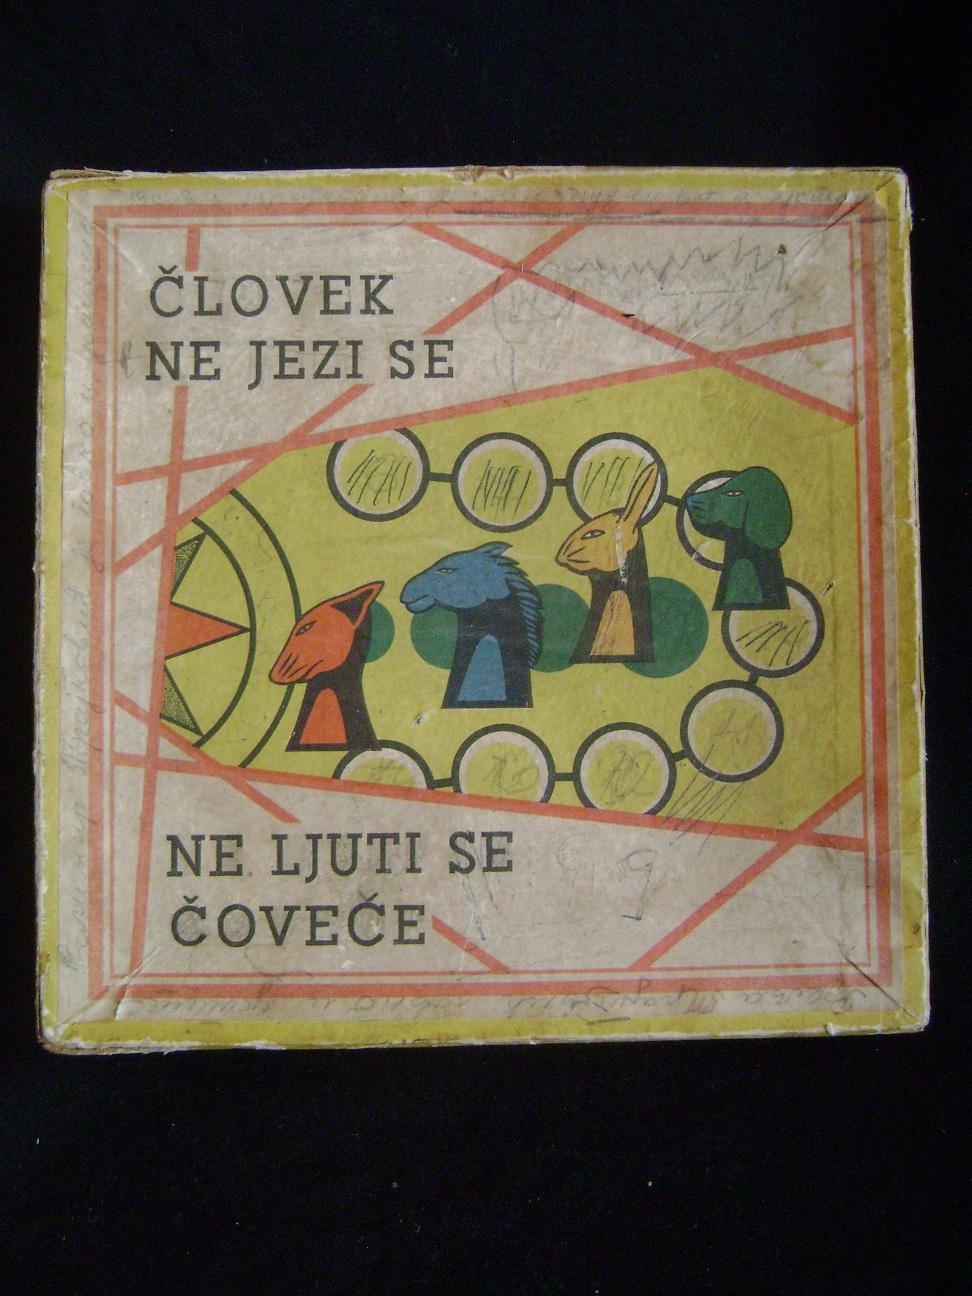 Ne_ljuti_se_covece_1.JPG